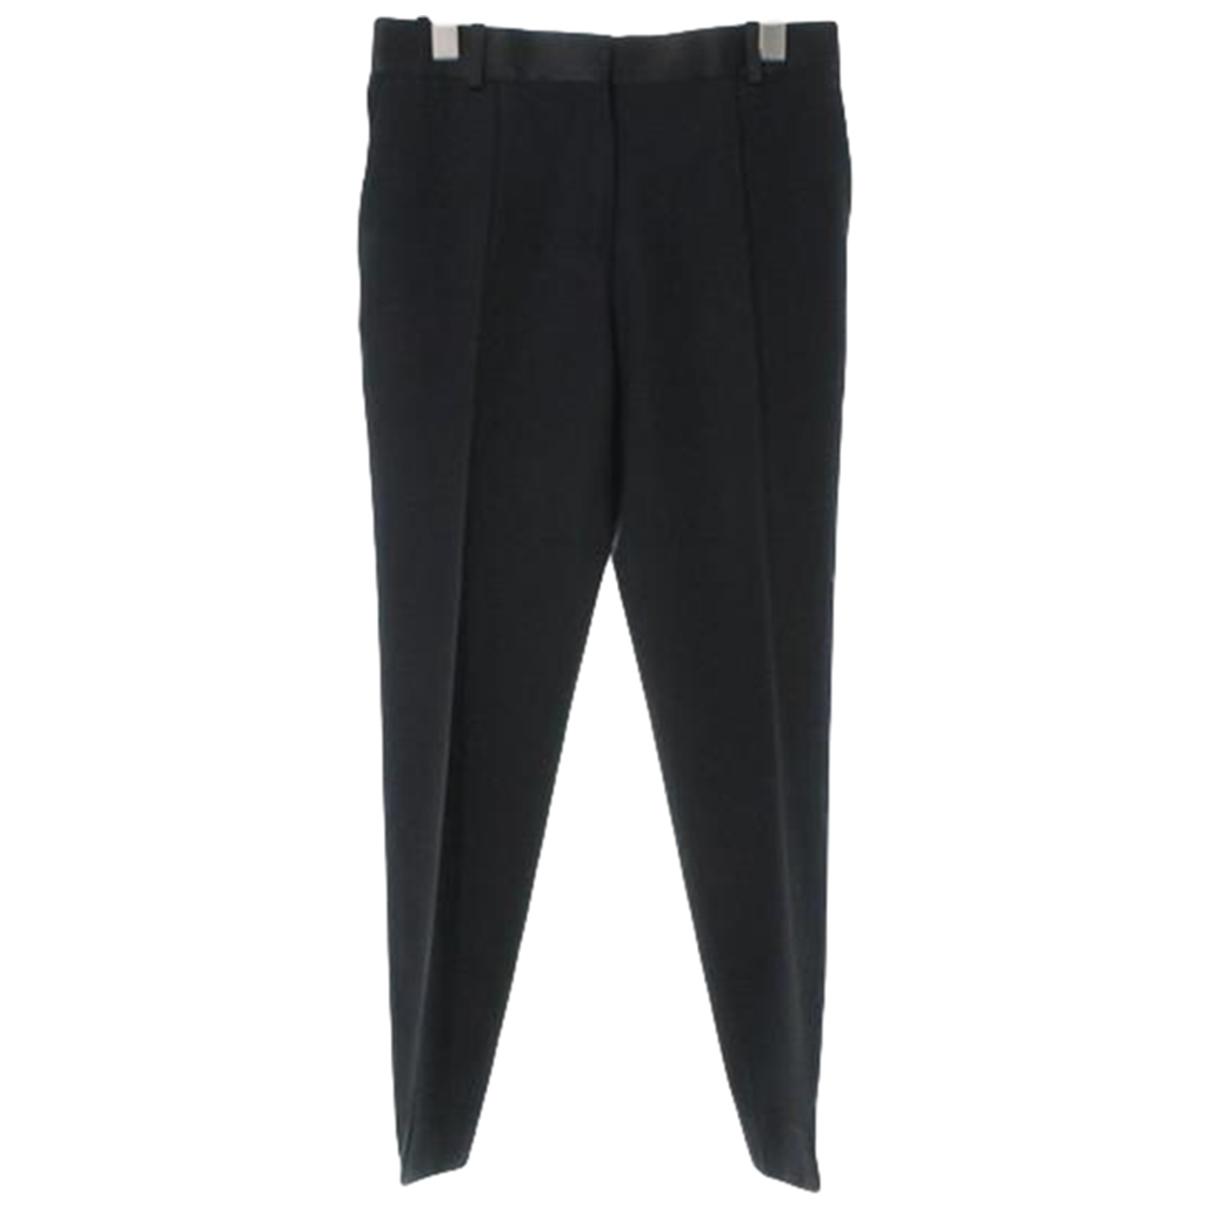 Pantalon de Lana Celine